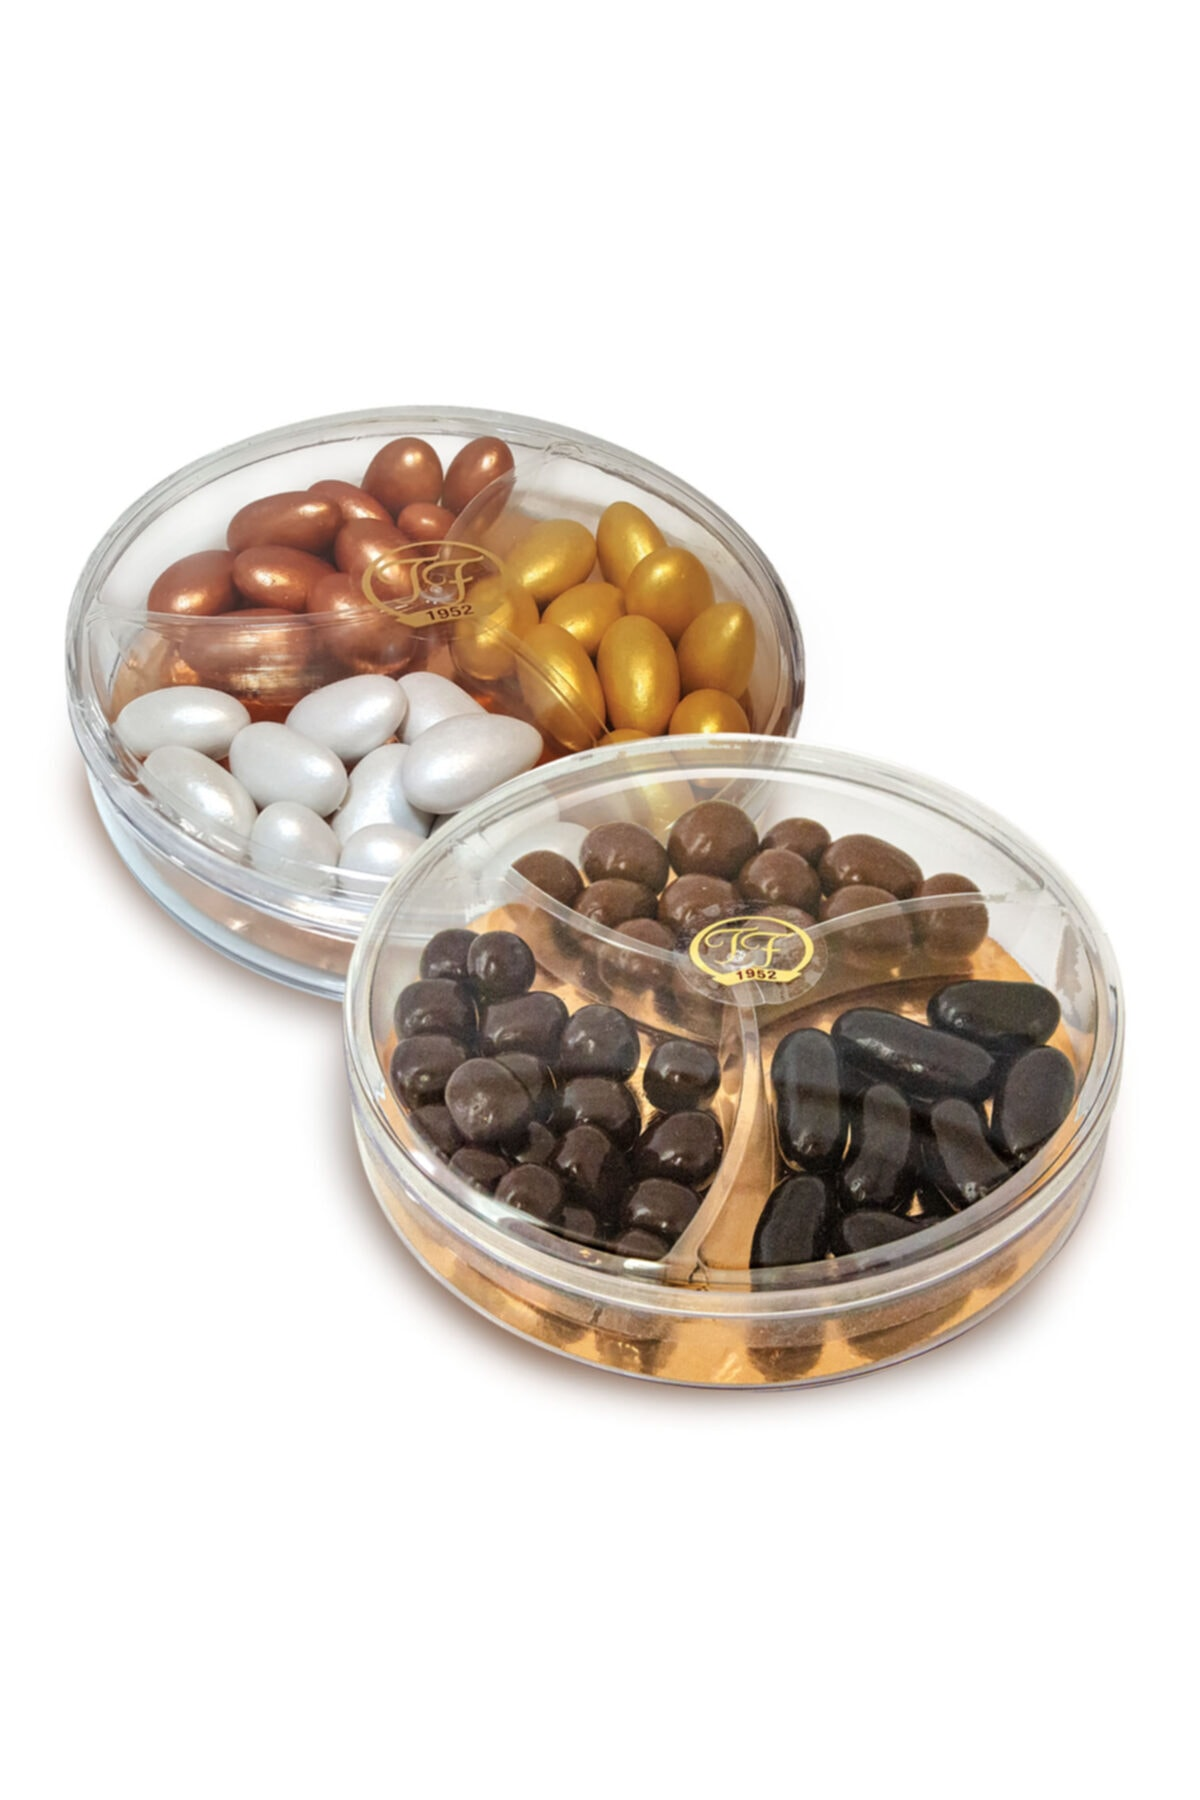 TAFE Sedefli Karışık Renkli Badem Ve Çikolatalı Mix Draje 120g X 2 1